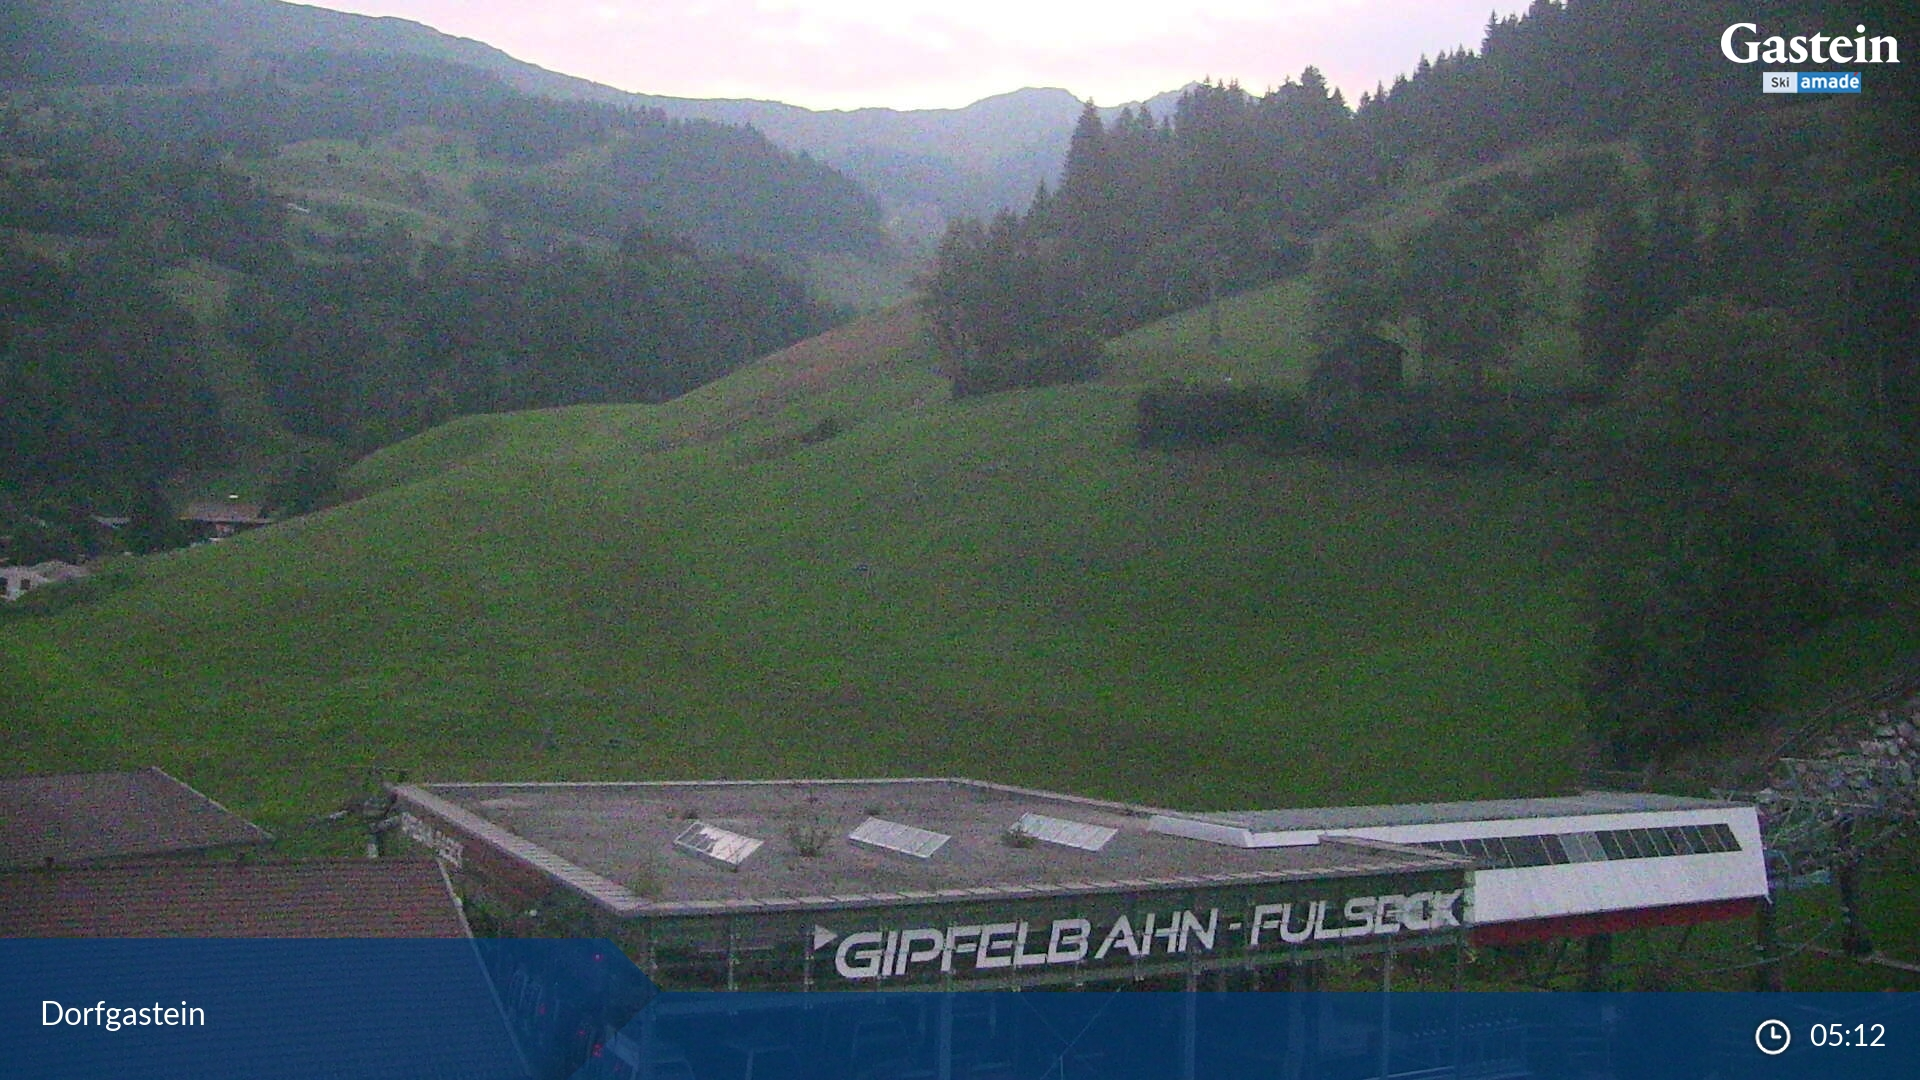 Webcam en Dorfgastein - Fulseck Talstation, Bad Gastein (Austria)